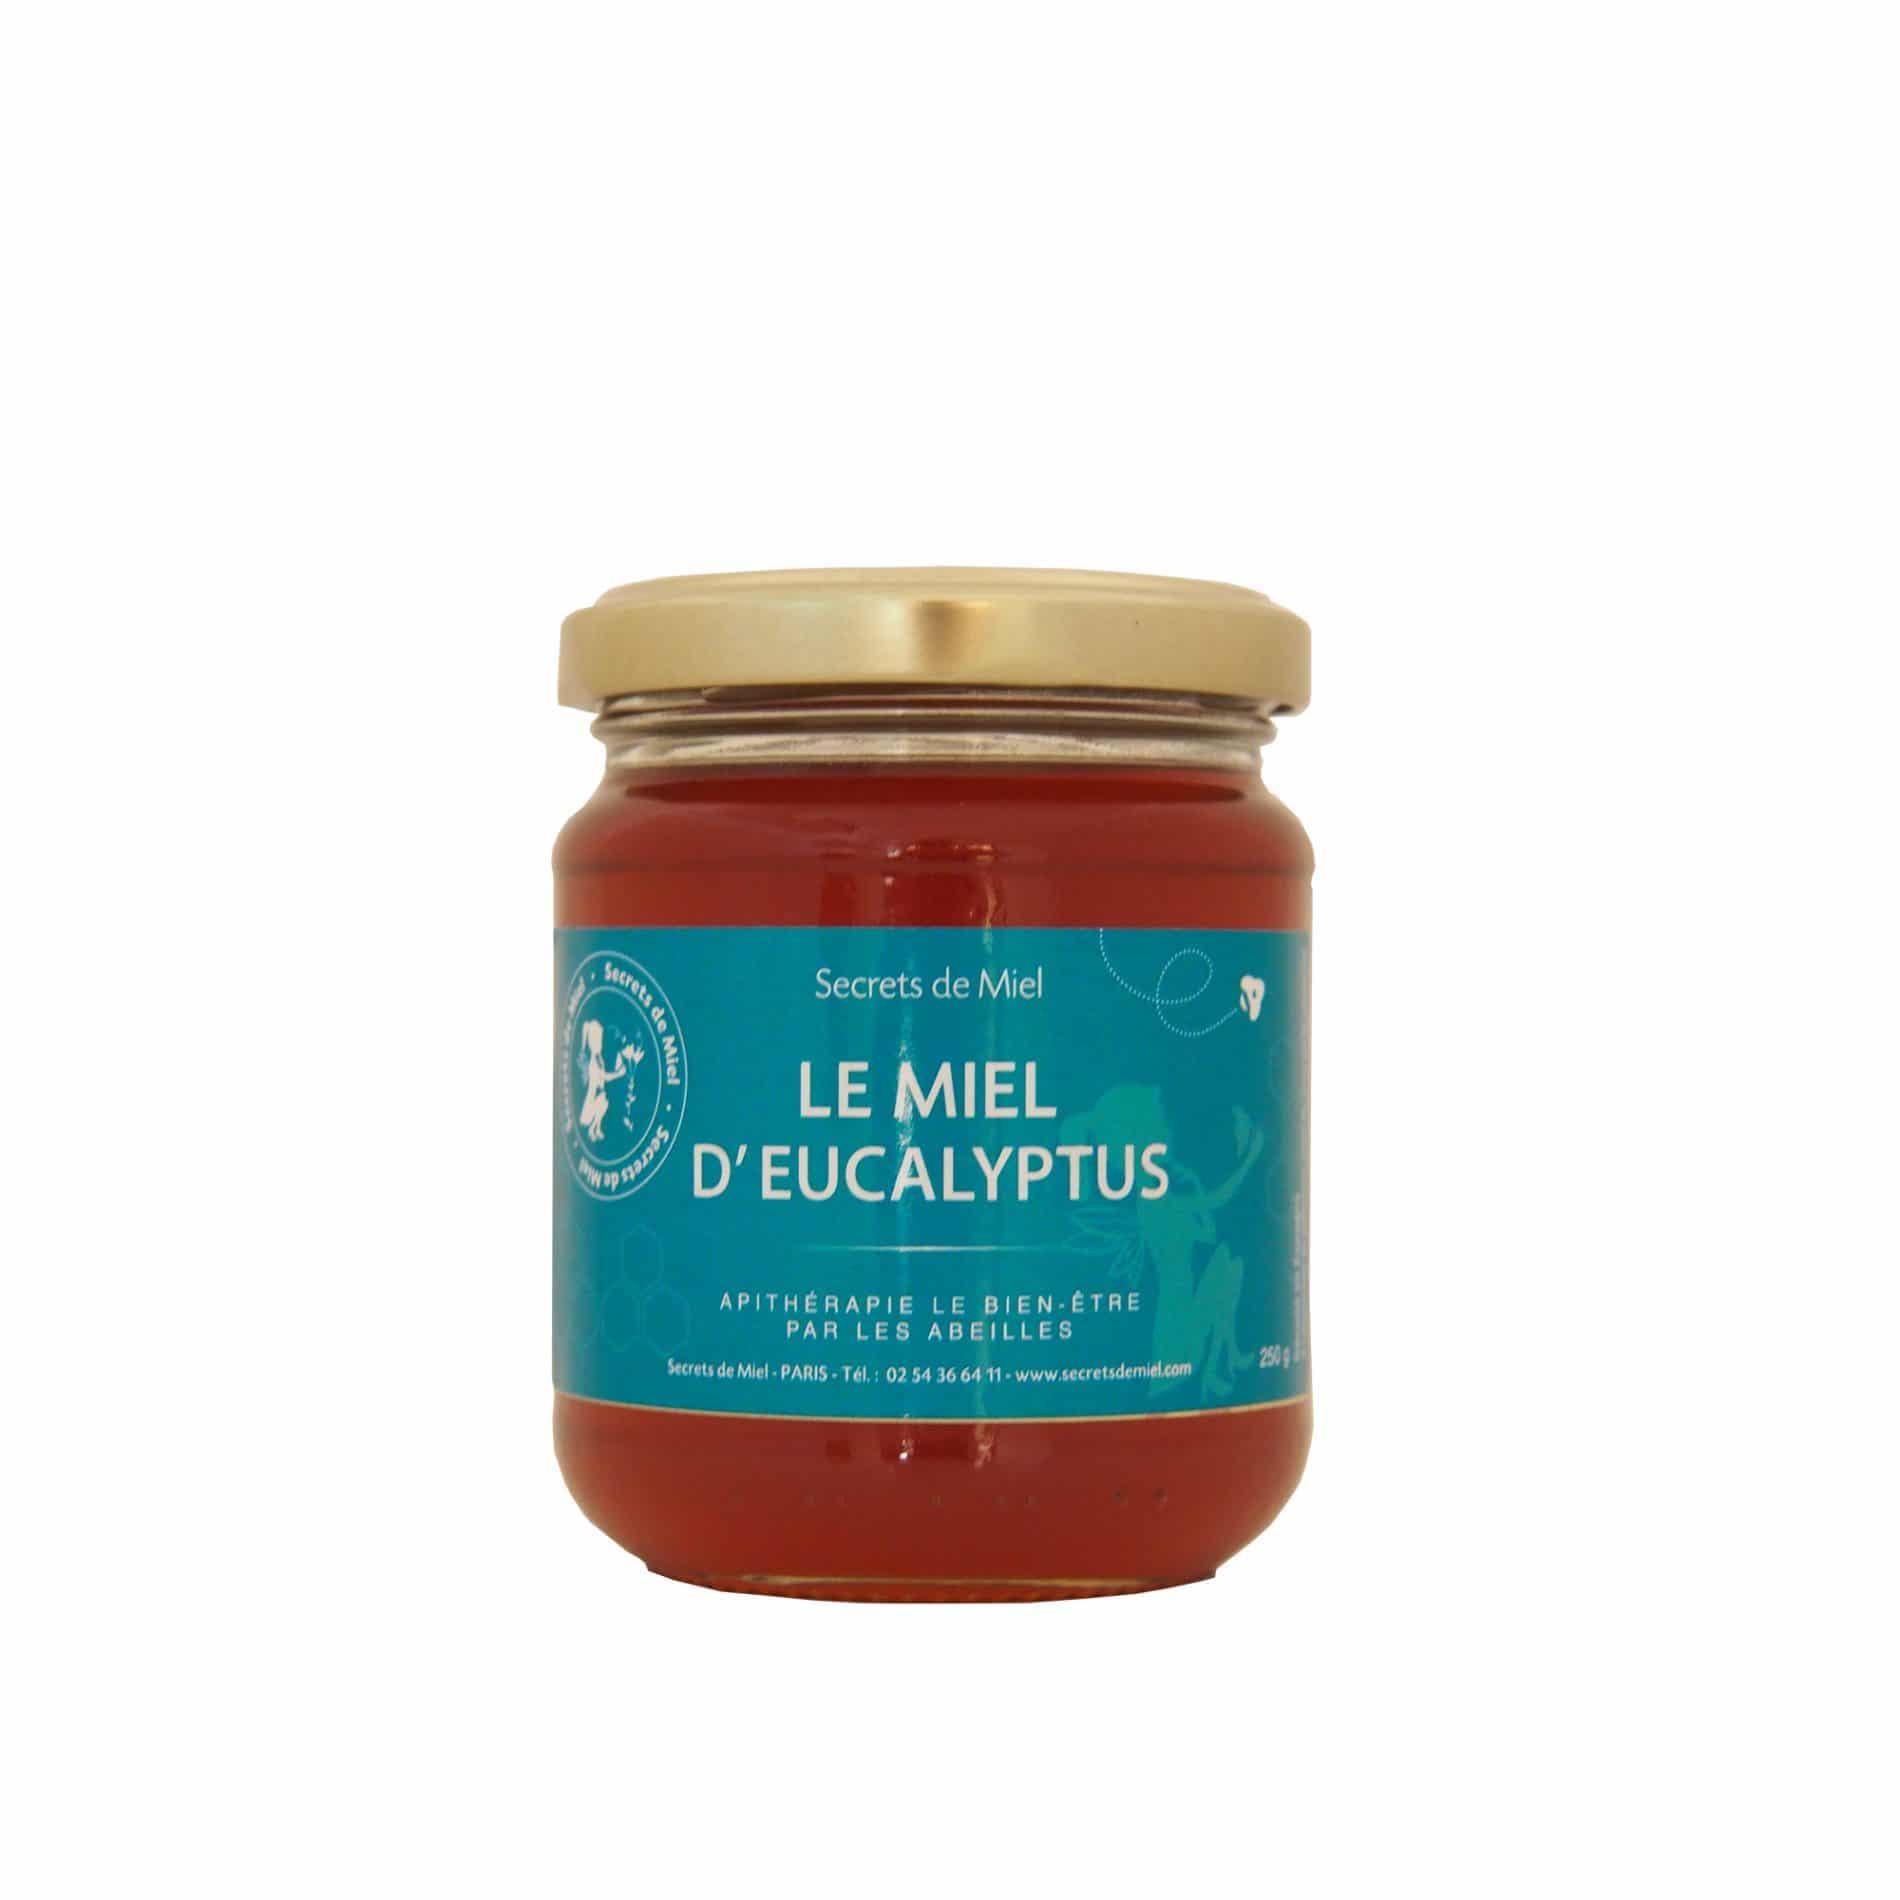 Miel d'Eucalyptus - Abeilles - Ruche - Produit naturel - Goût prononcé - Secrets de Miel